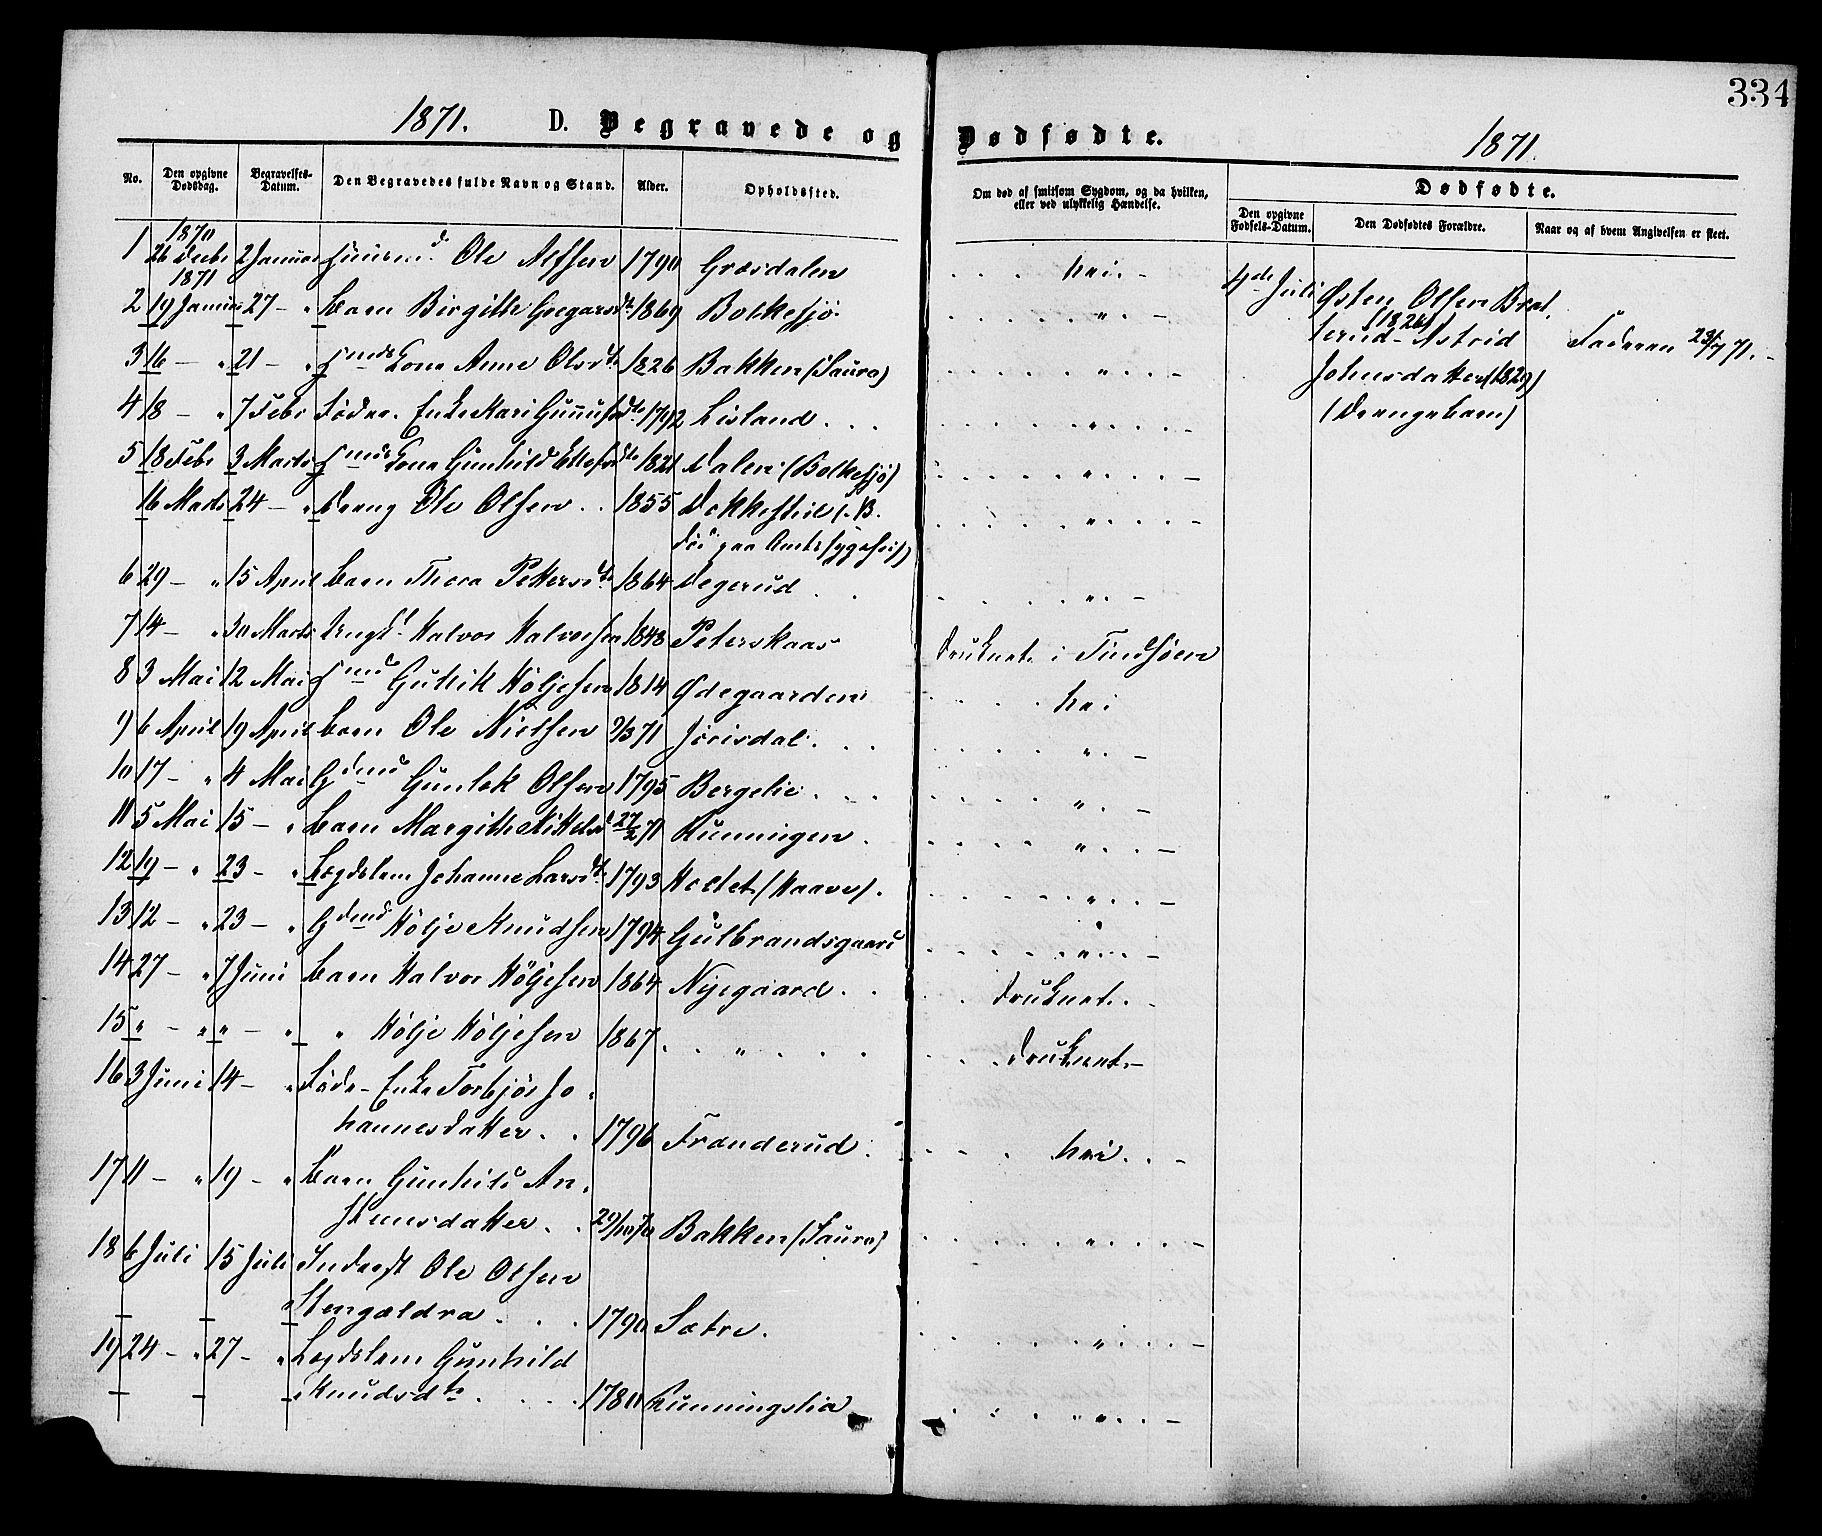 SAKO, Gransherad kirkebøker, F/Fa/L0004: Ministerialbok nr. I 4, 1871-1886, s. 334